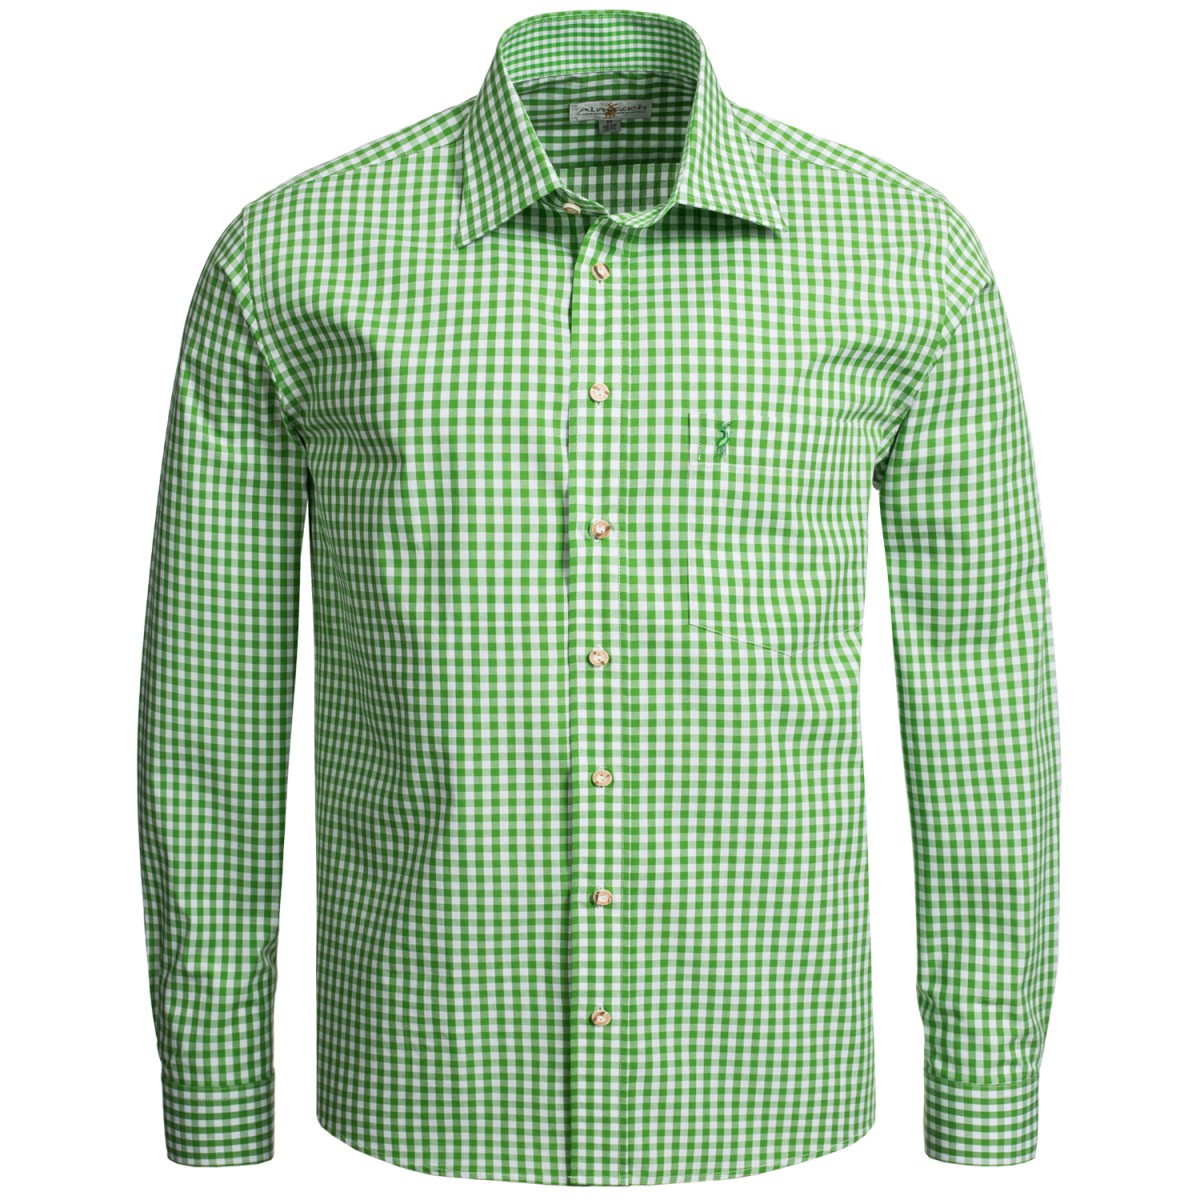 Hellgrünes Trachtenhemd kariert von Almsach